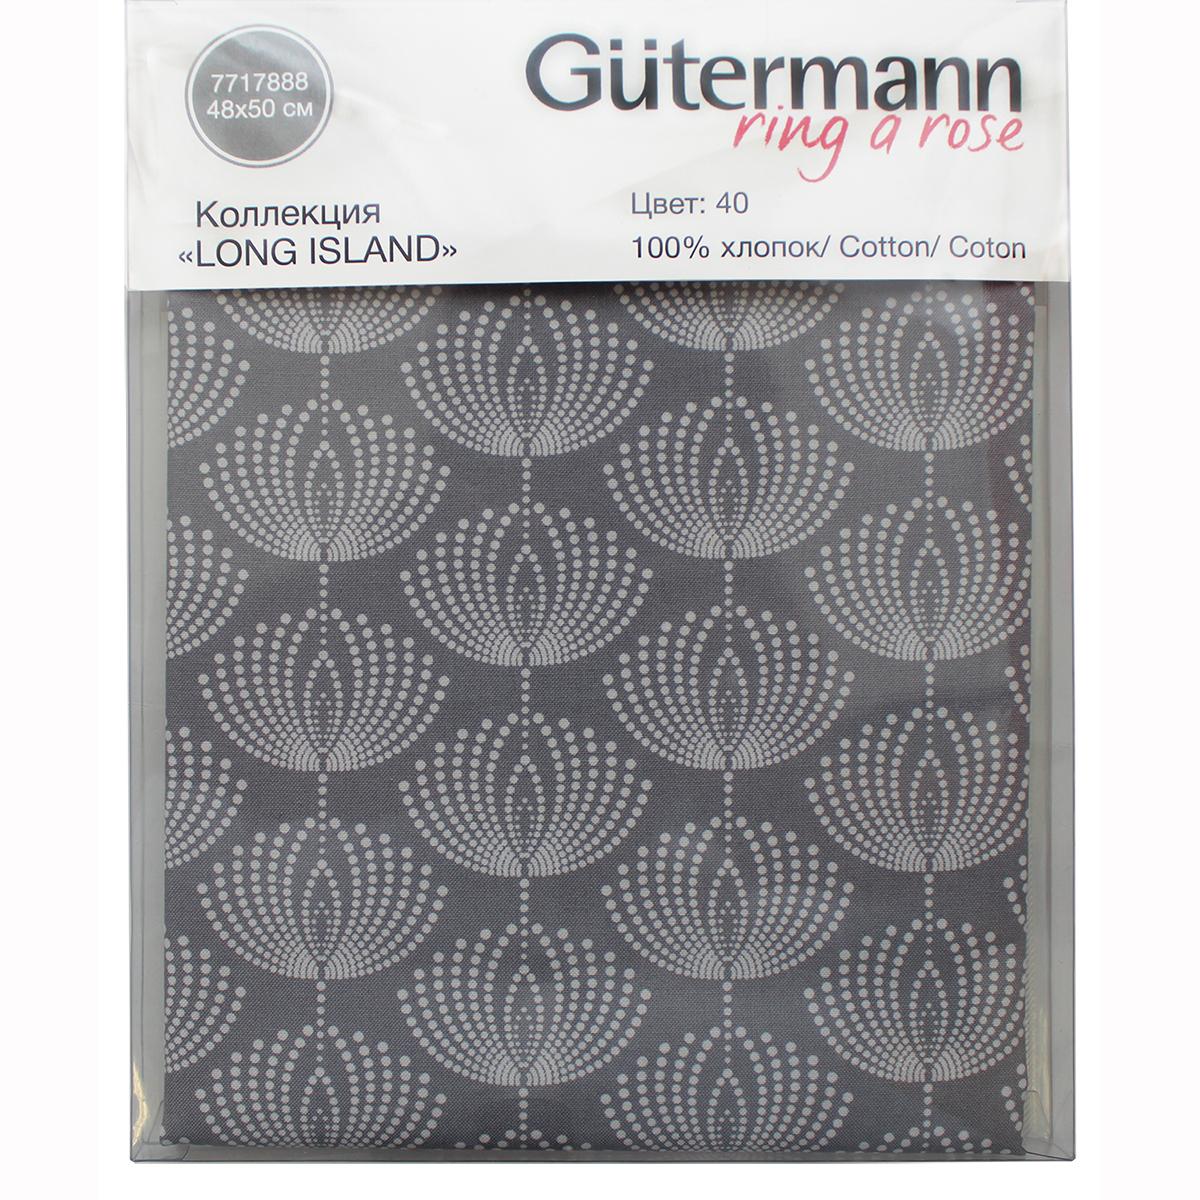 Ткань Gutermann Long Island, 48 х 50 см. 647462_407717888-40Хлопковая ткань от Gutermann (Гутерманн) выполнена из 100% натурального материала, идеально подойдет для шитья одежды, постельного белья, декорирования. Ткань не линяет, не осыпается по краям и не дает усадки.